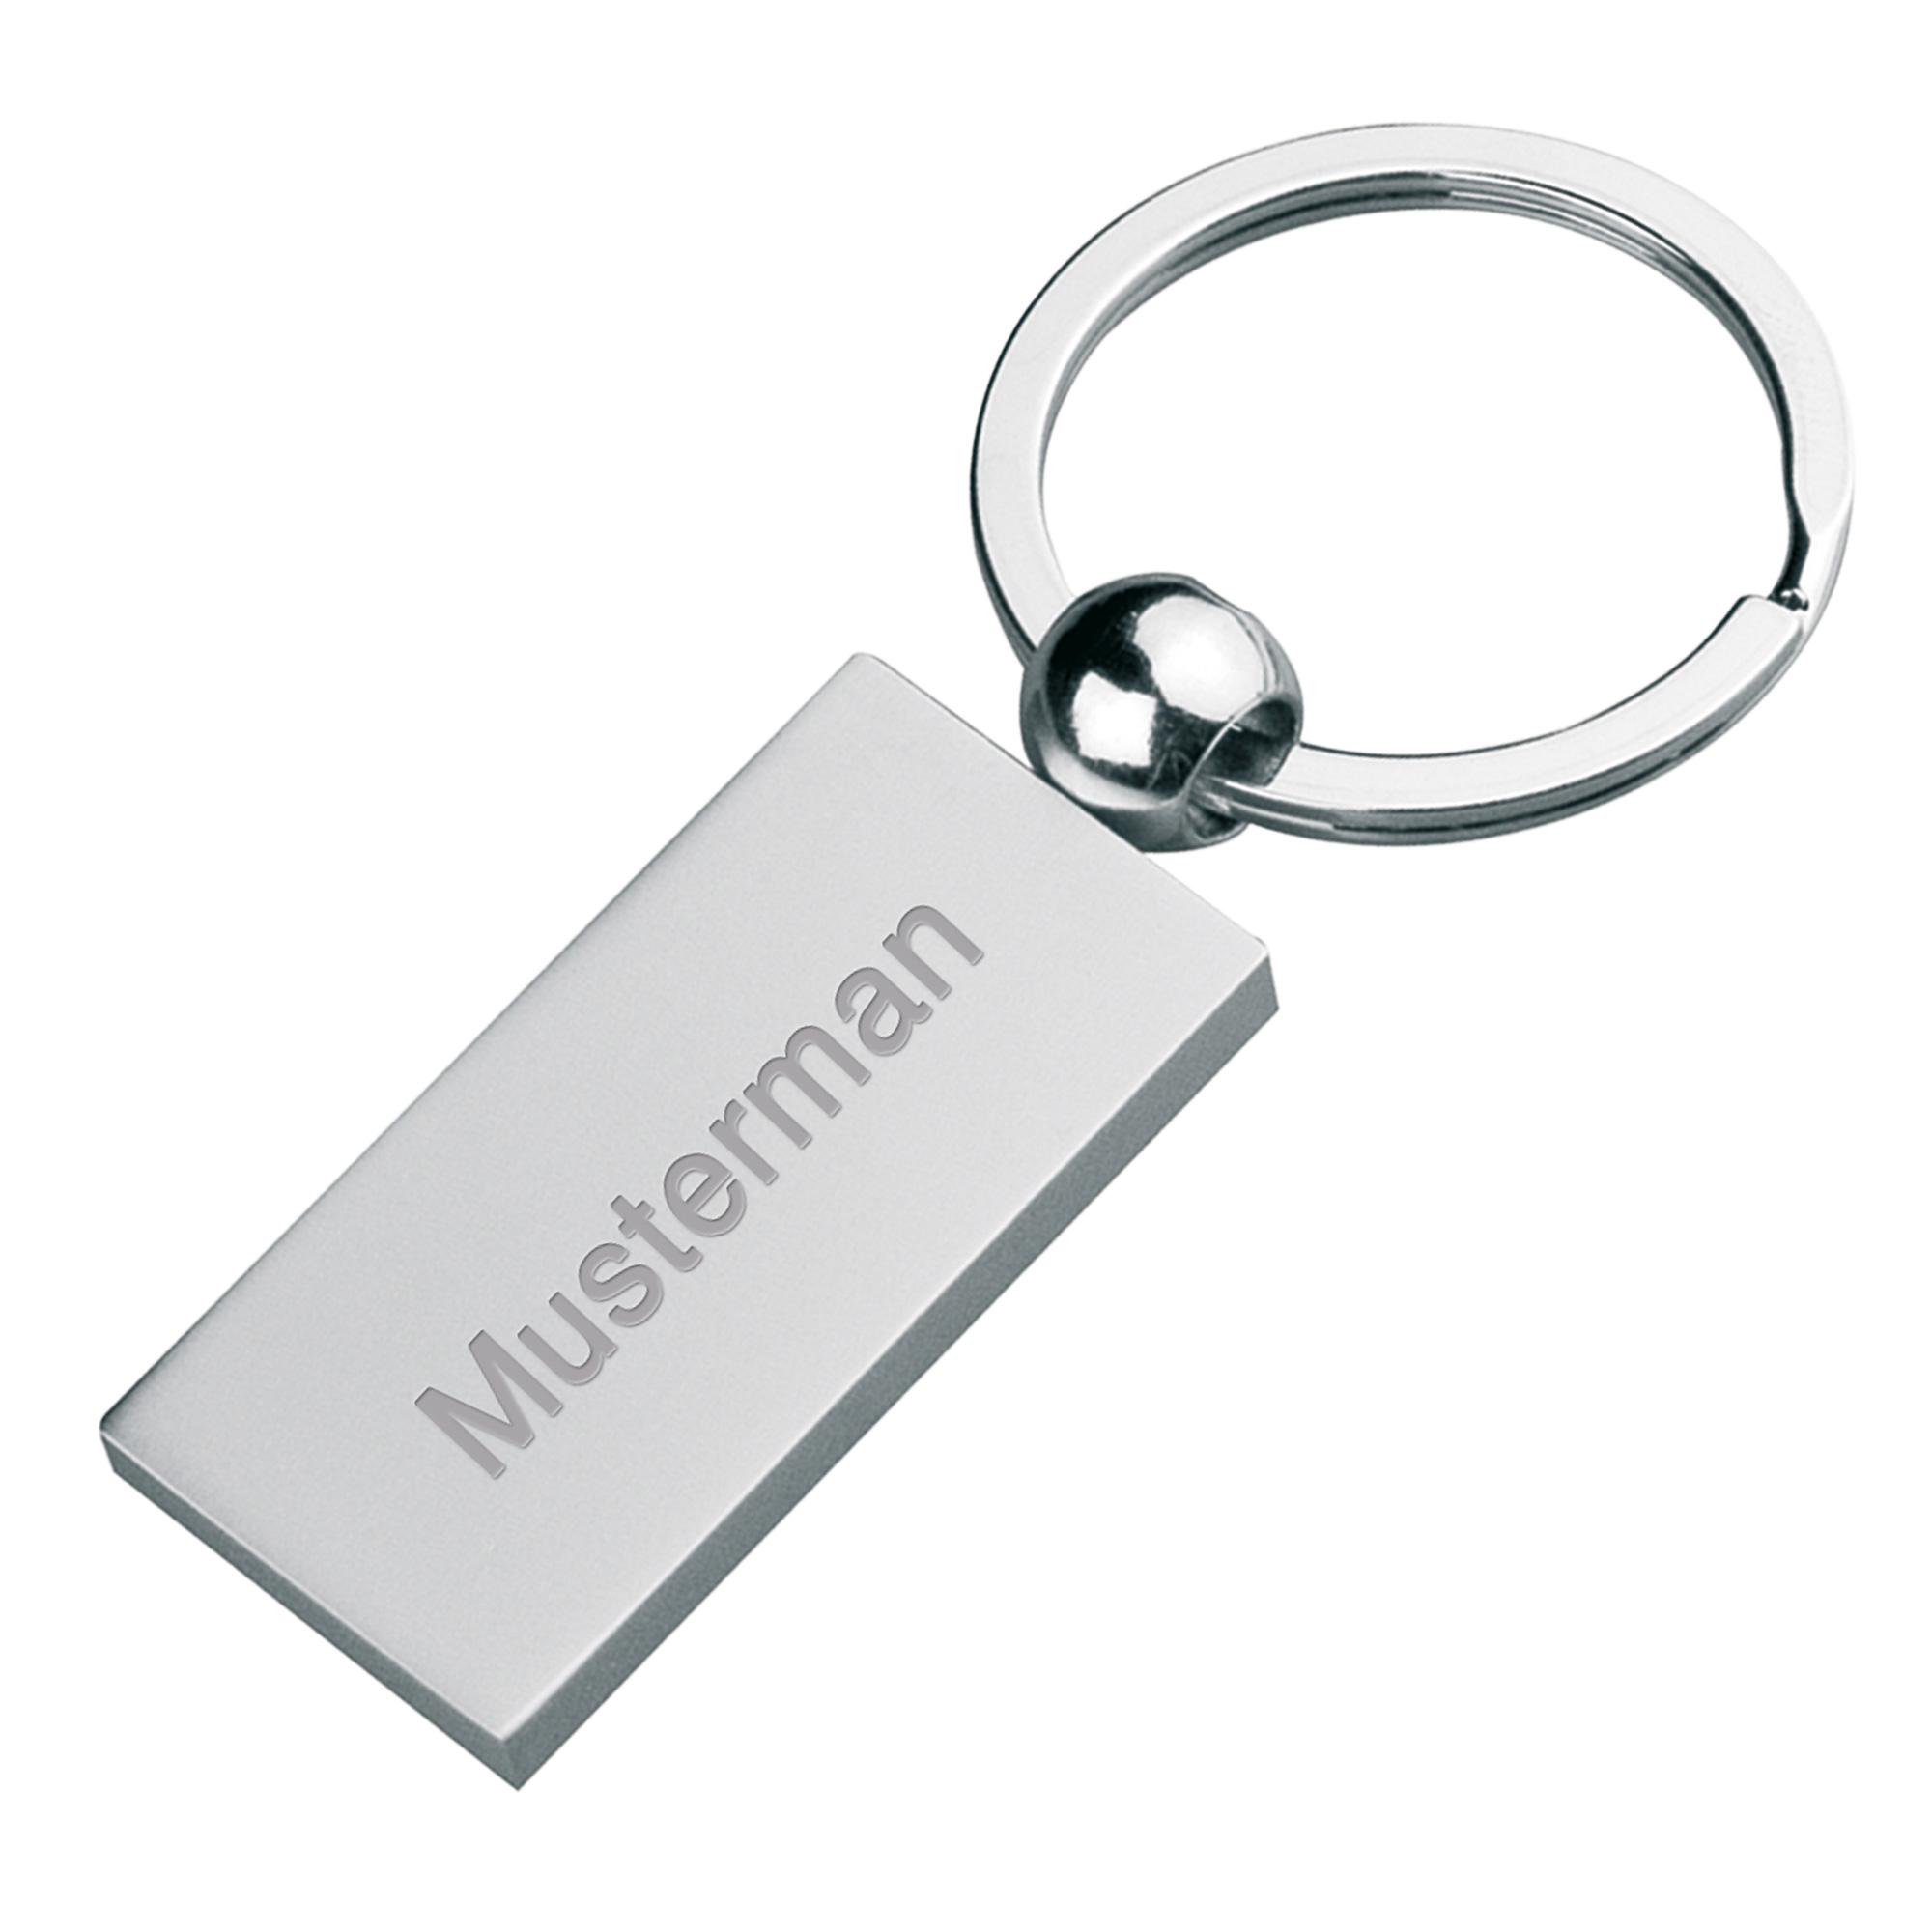 Schlüsselanhänger aus Metall, matt